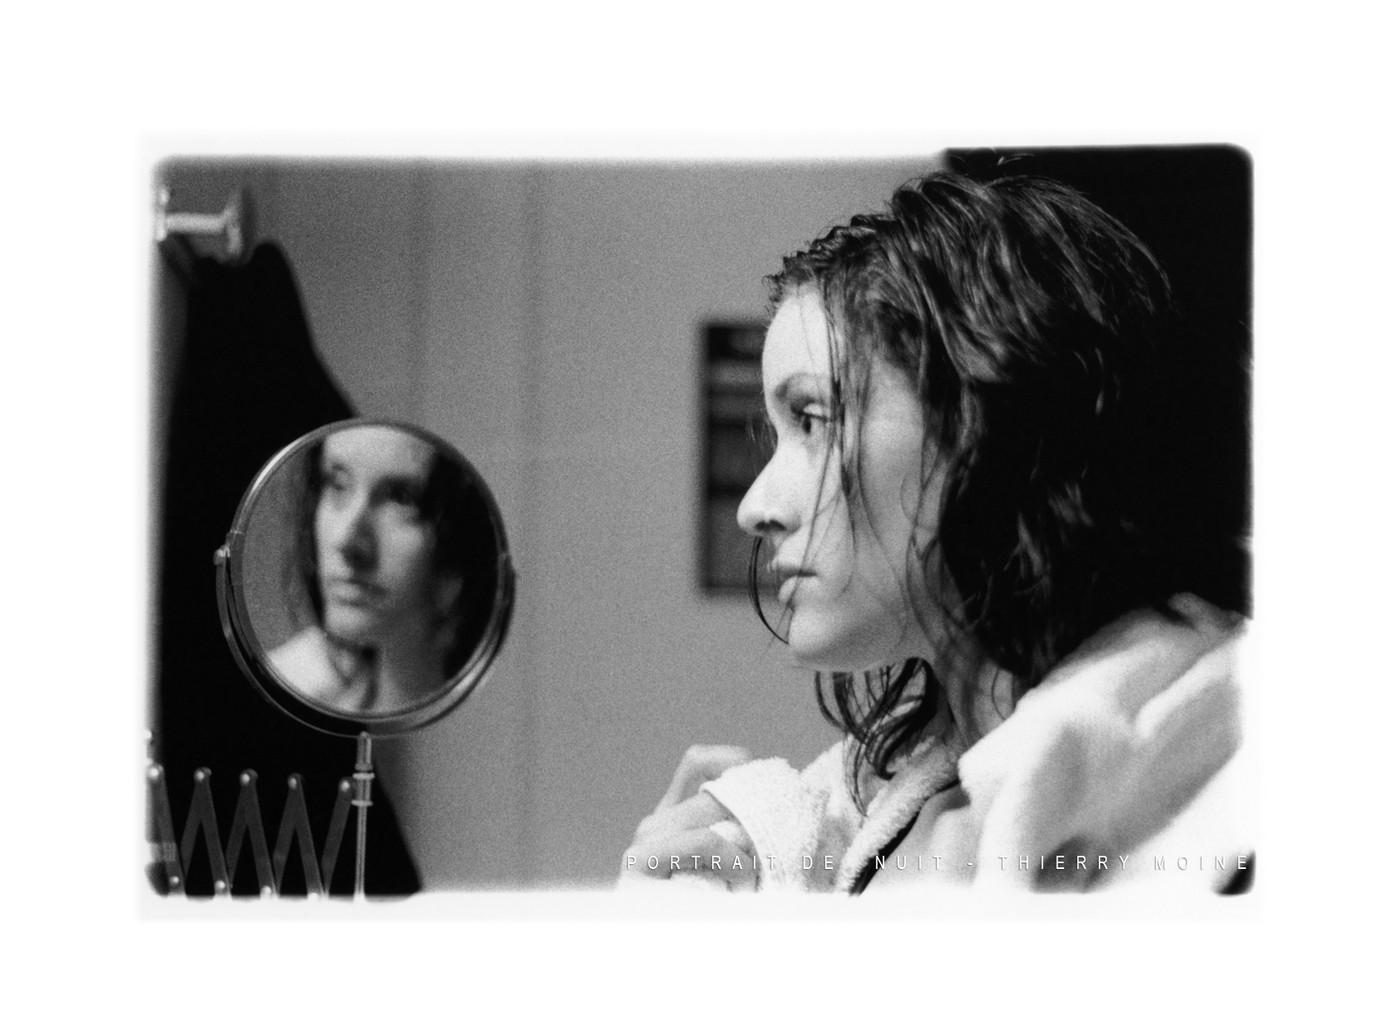 Portrait De Nuit - Thierry Moine Photographie